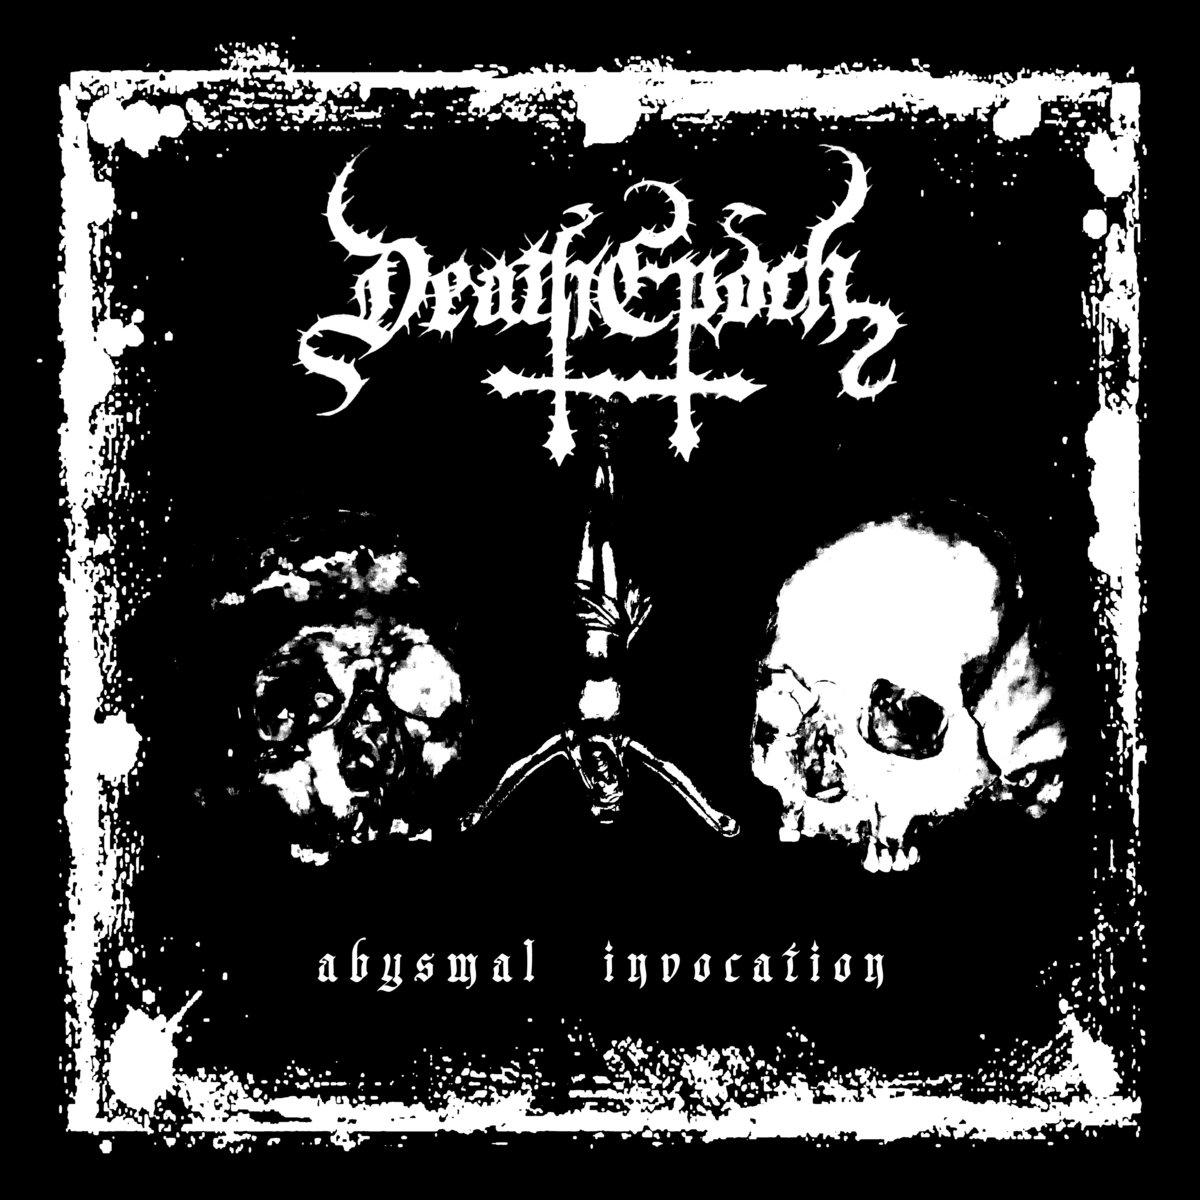 deathepoch – abysmal invocation